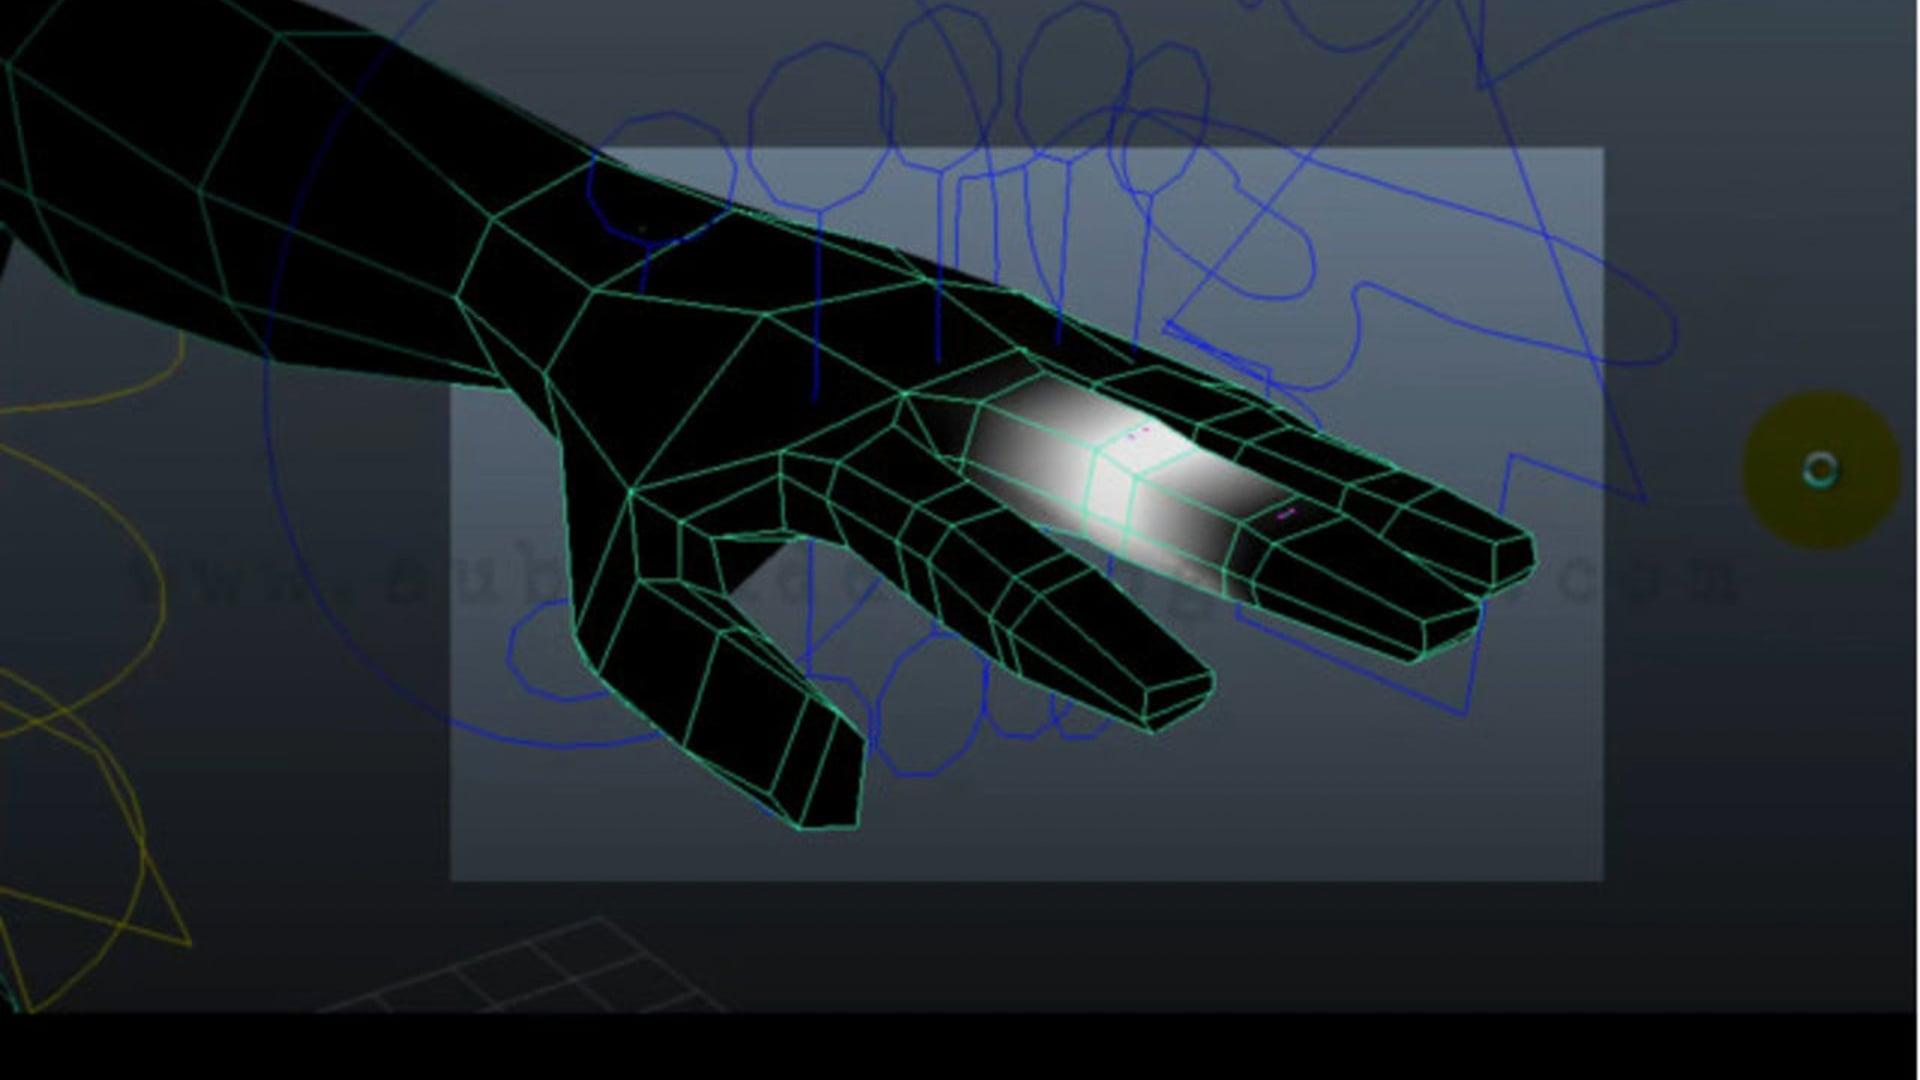 as_HyperSkin : Auto Skinning   Hyper Skinning System For Maya (Art & Technic)  v0.4